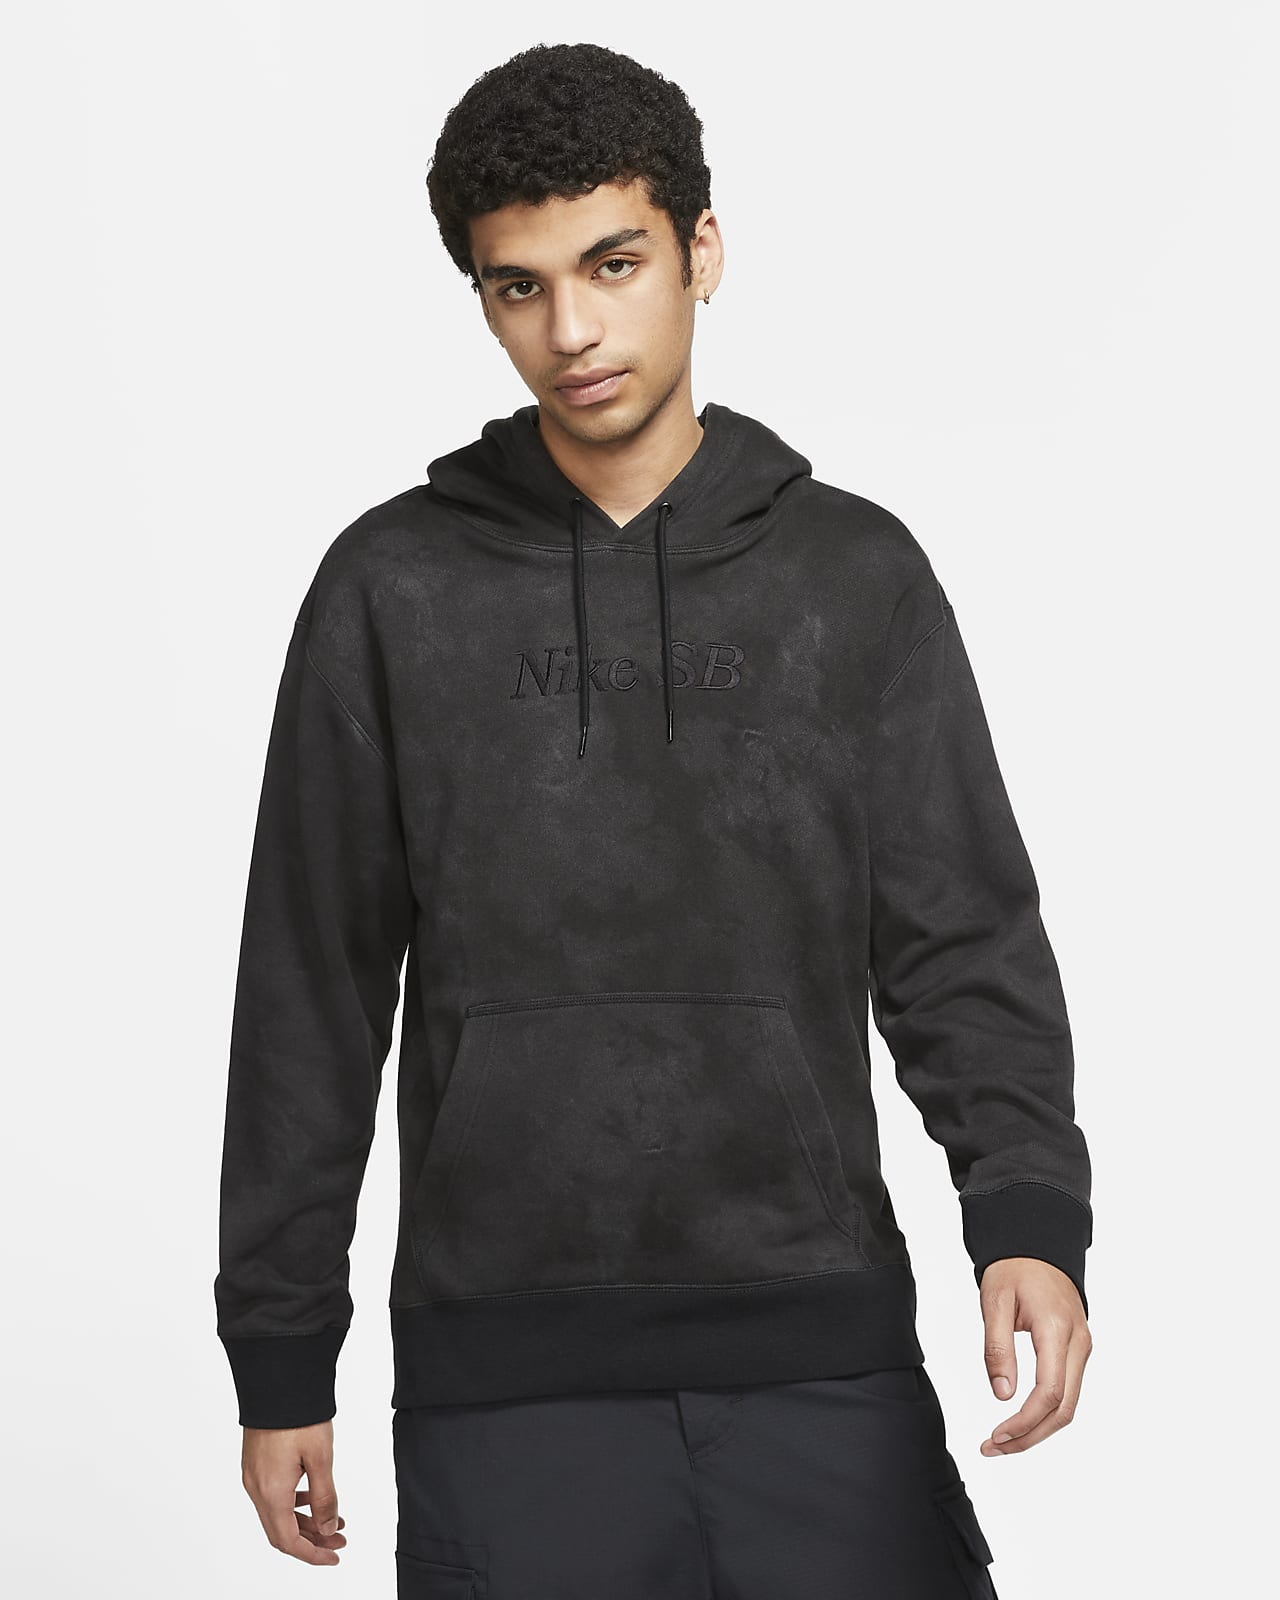 Μπλούζα με κουκούλα για skateboarding Nike SB